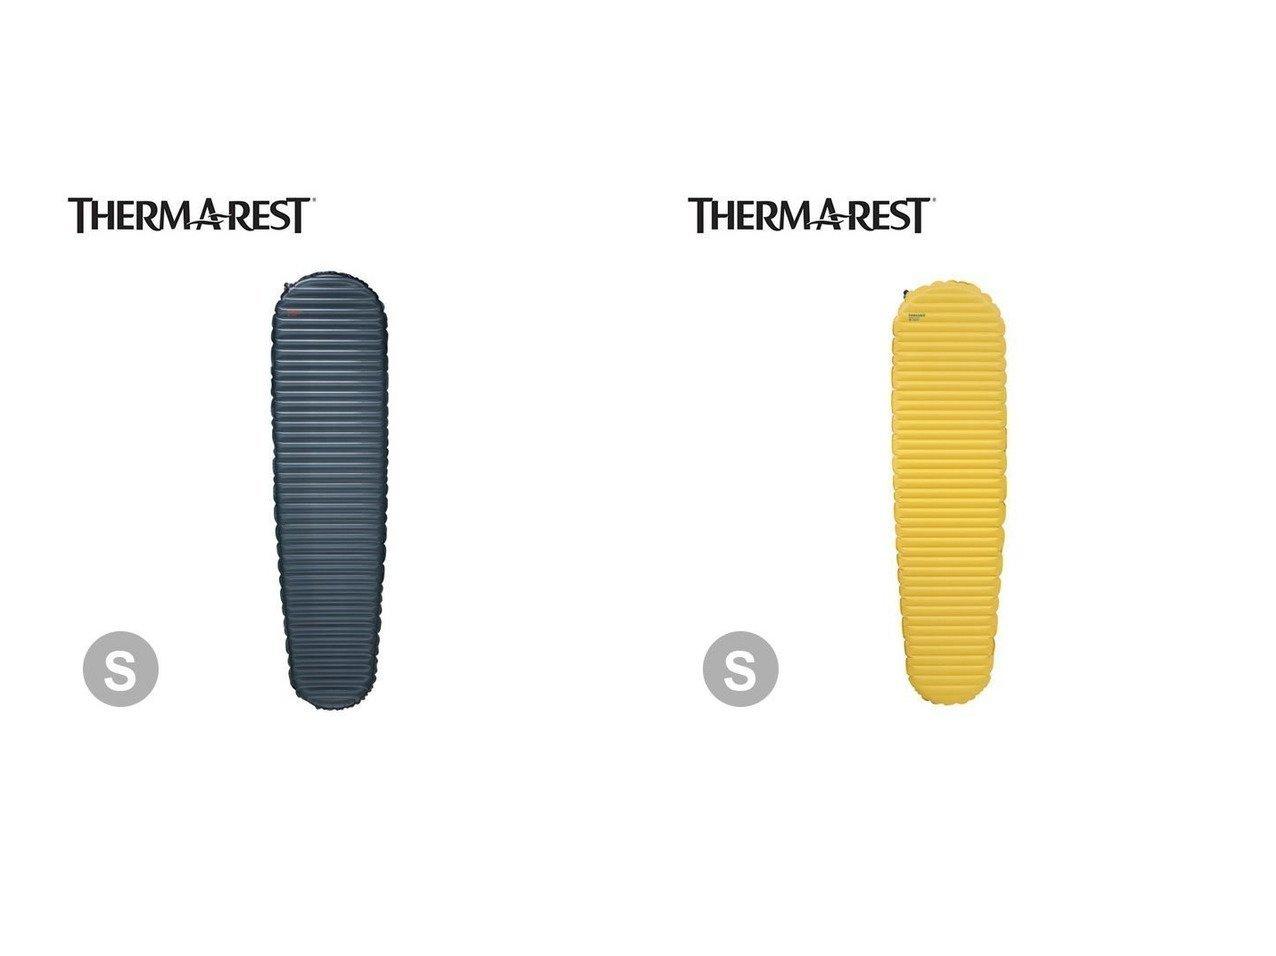 【THERM-A-REST/サーマレスト】のネオエアーウーバーライト S&ネオエアーXライト S おすすめ!人気キャンプ・アウトドア用品の通販 おすすめで人気の流行・トレンド、ファッションの通販商品 インテリア・家具・メンズファッション・キッズファッション・レディースファッション・服の通販 founy(ファニー) https://founy.com/ コンパクト 軽量 ホーム・キャンプ・アウトドア Home,Garden,Outdoor,Camping Gear キャンプ用品・アウトドア  Camping Gear & Outdoor Supplies その他 雑貨 小物 Camping Tools |ID:crp329100000047712